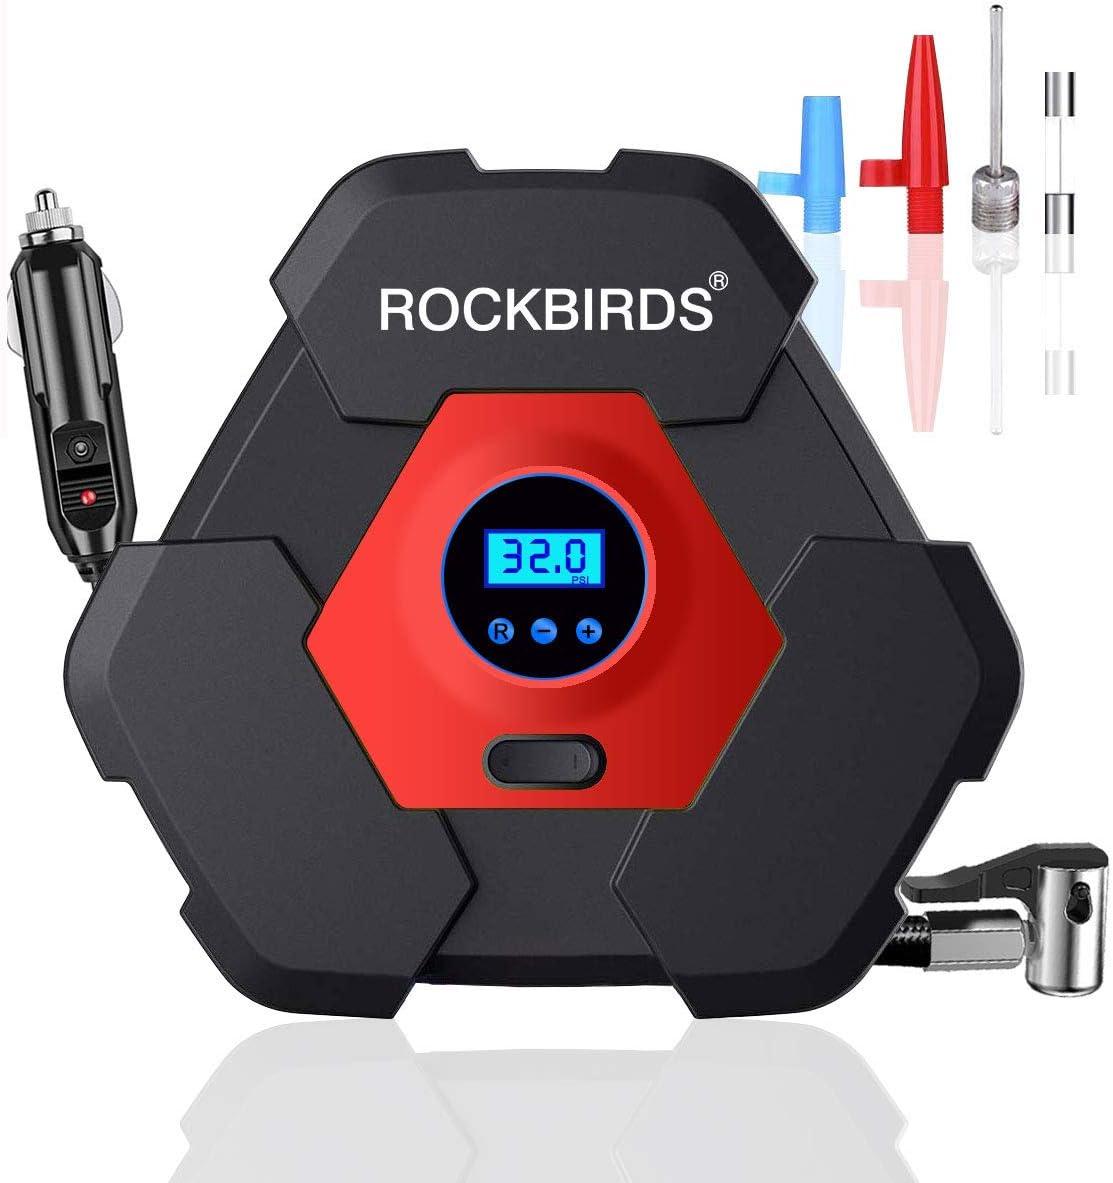 ROCKBIRDS Portable Air Compressor